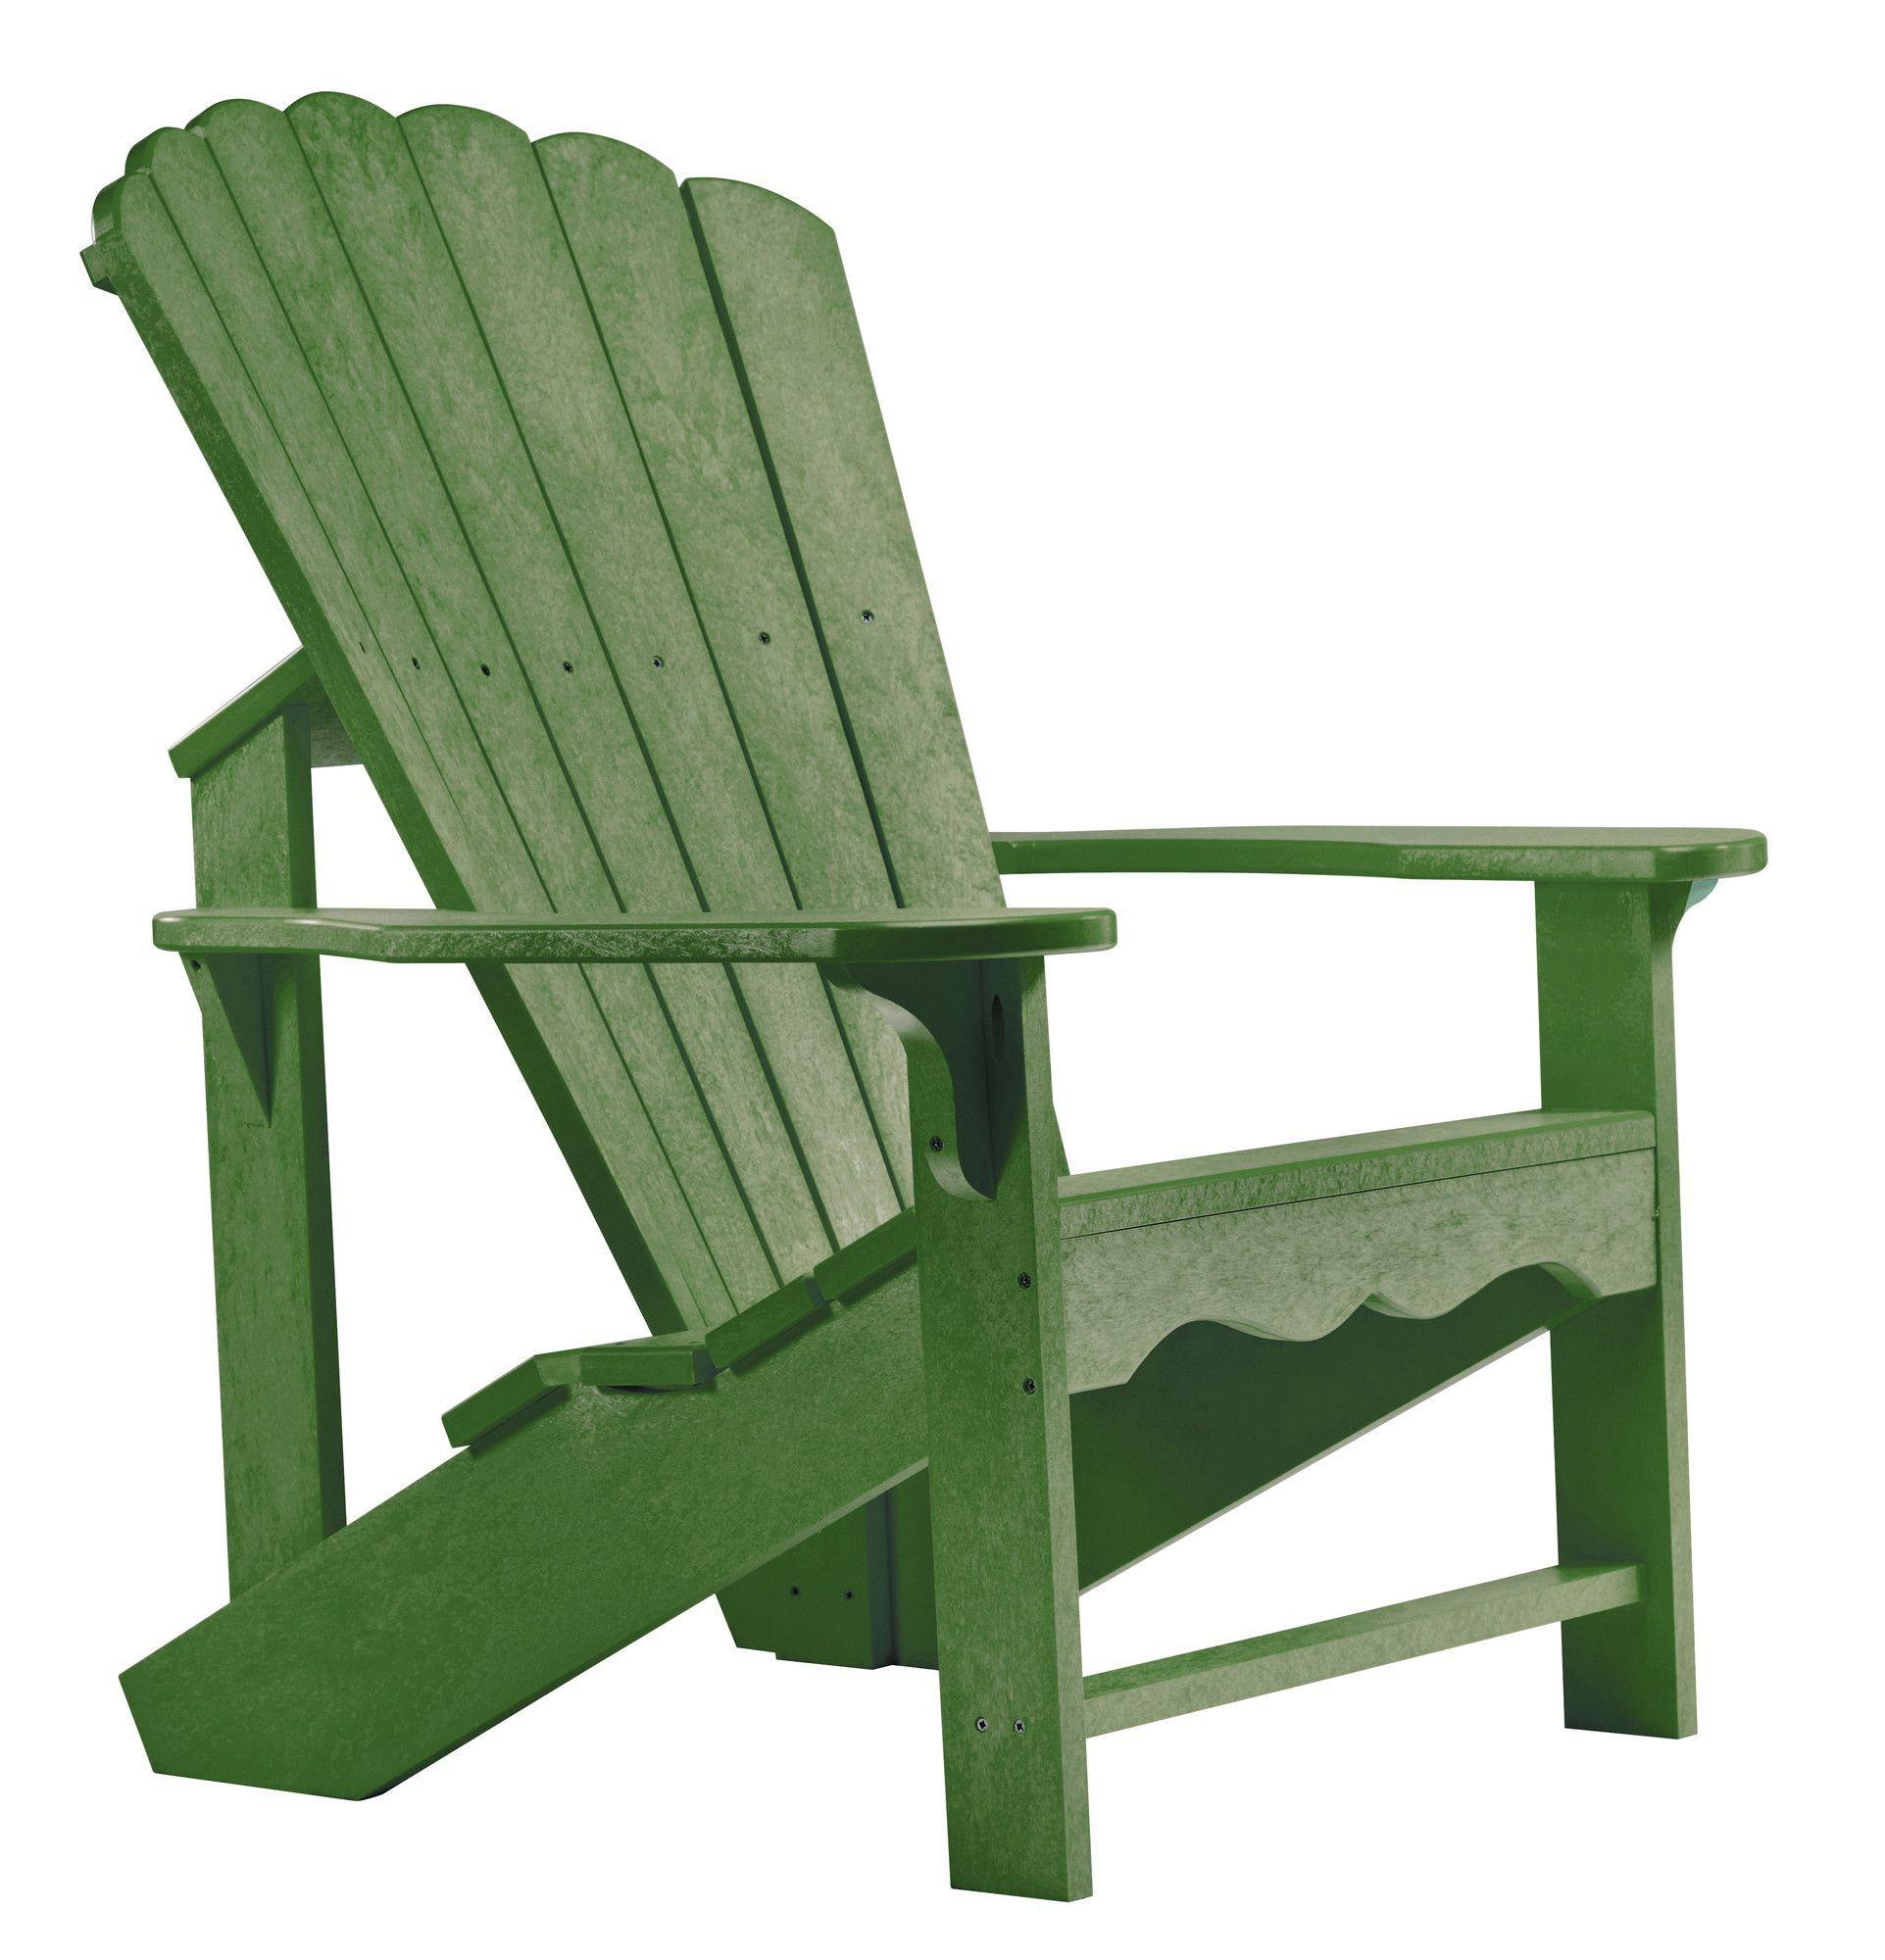 Adirondack Chairs On Beach Sunset. Aloa Adirondack Chair Chairs On Beach  Sunset